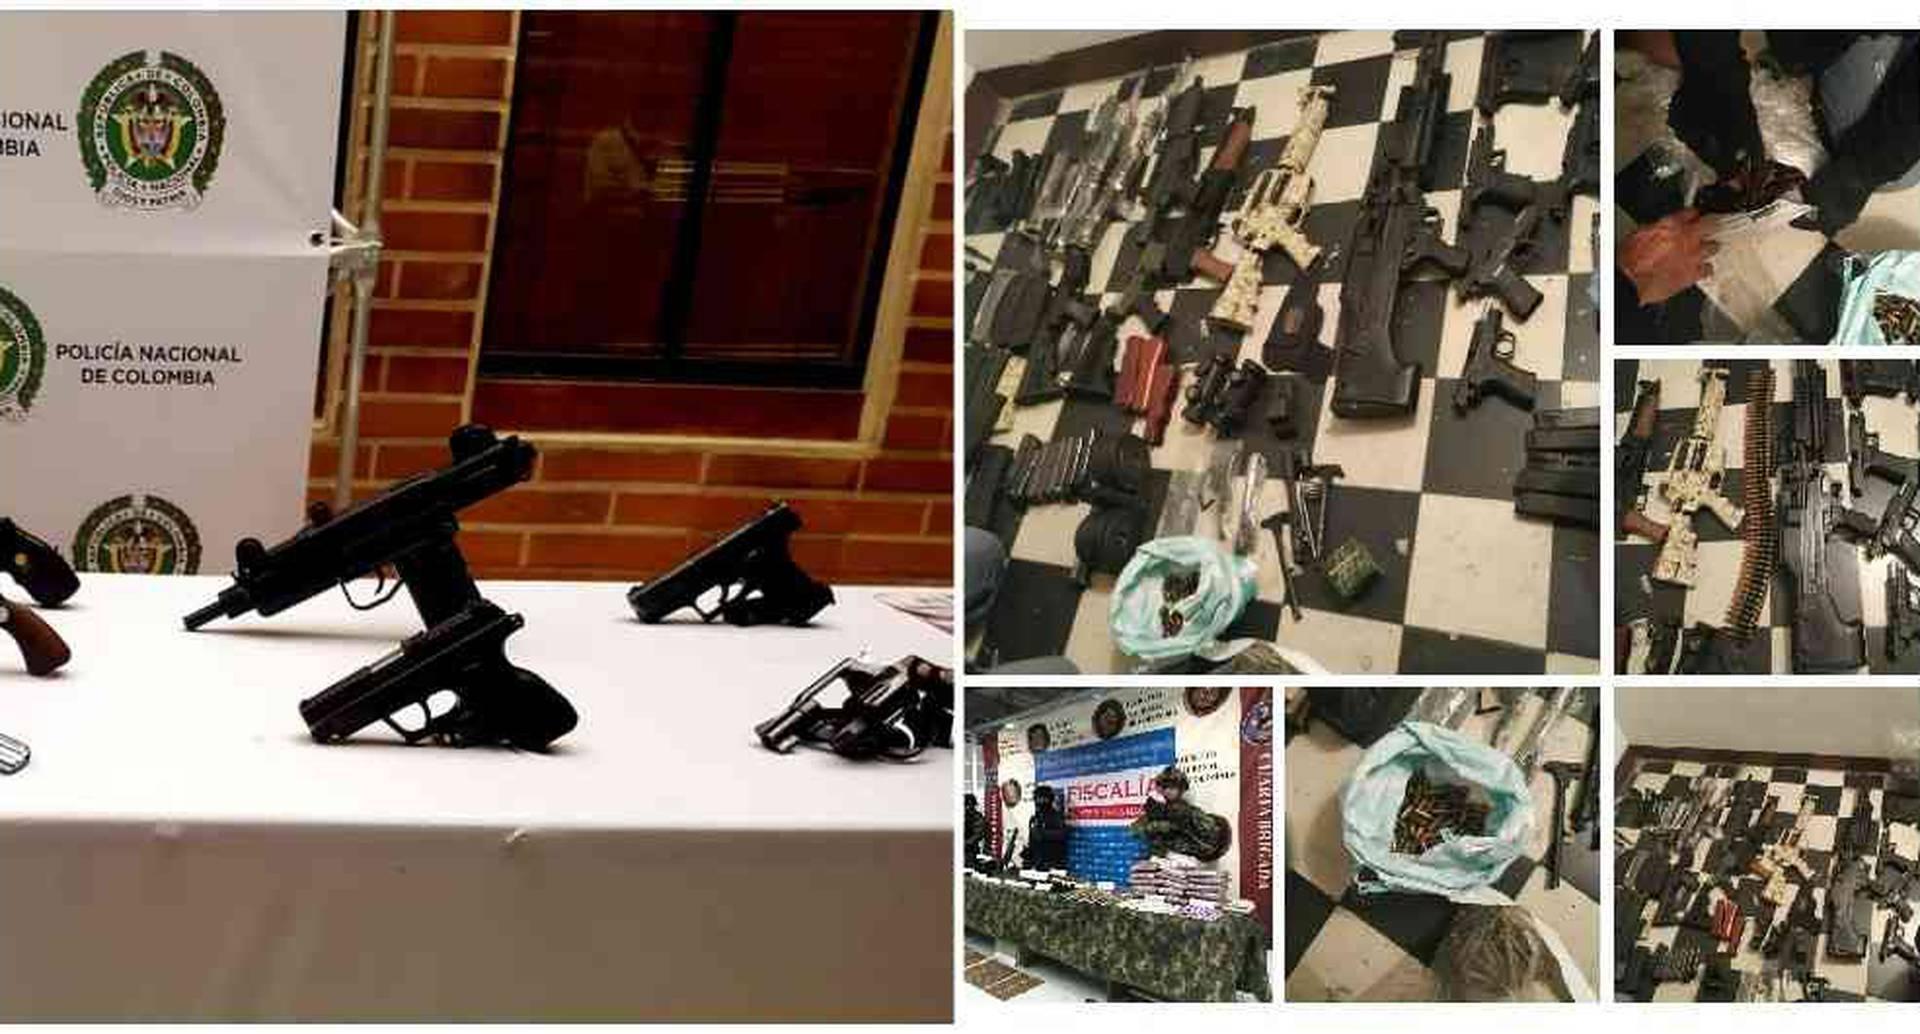 En un solo operativo realizado el martes 16 de abril en Bello, la Fiscalía incautó diez armas entre pistolas, revólveres y uzis, además de cartuchos y silenciadores.